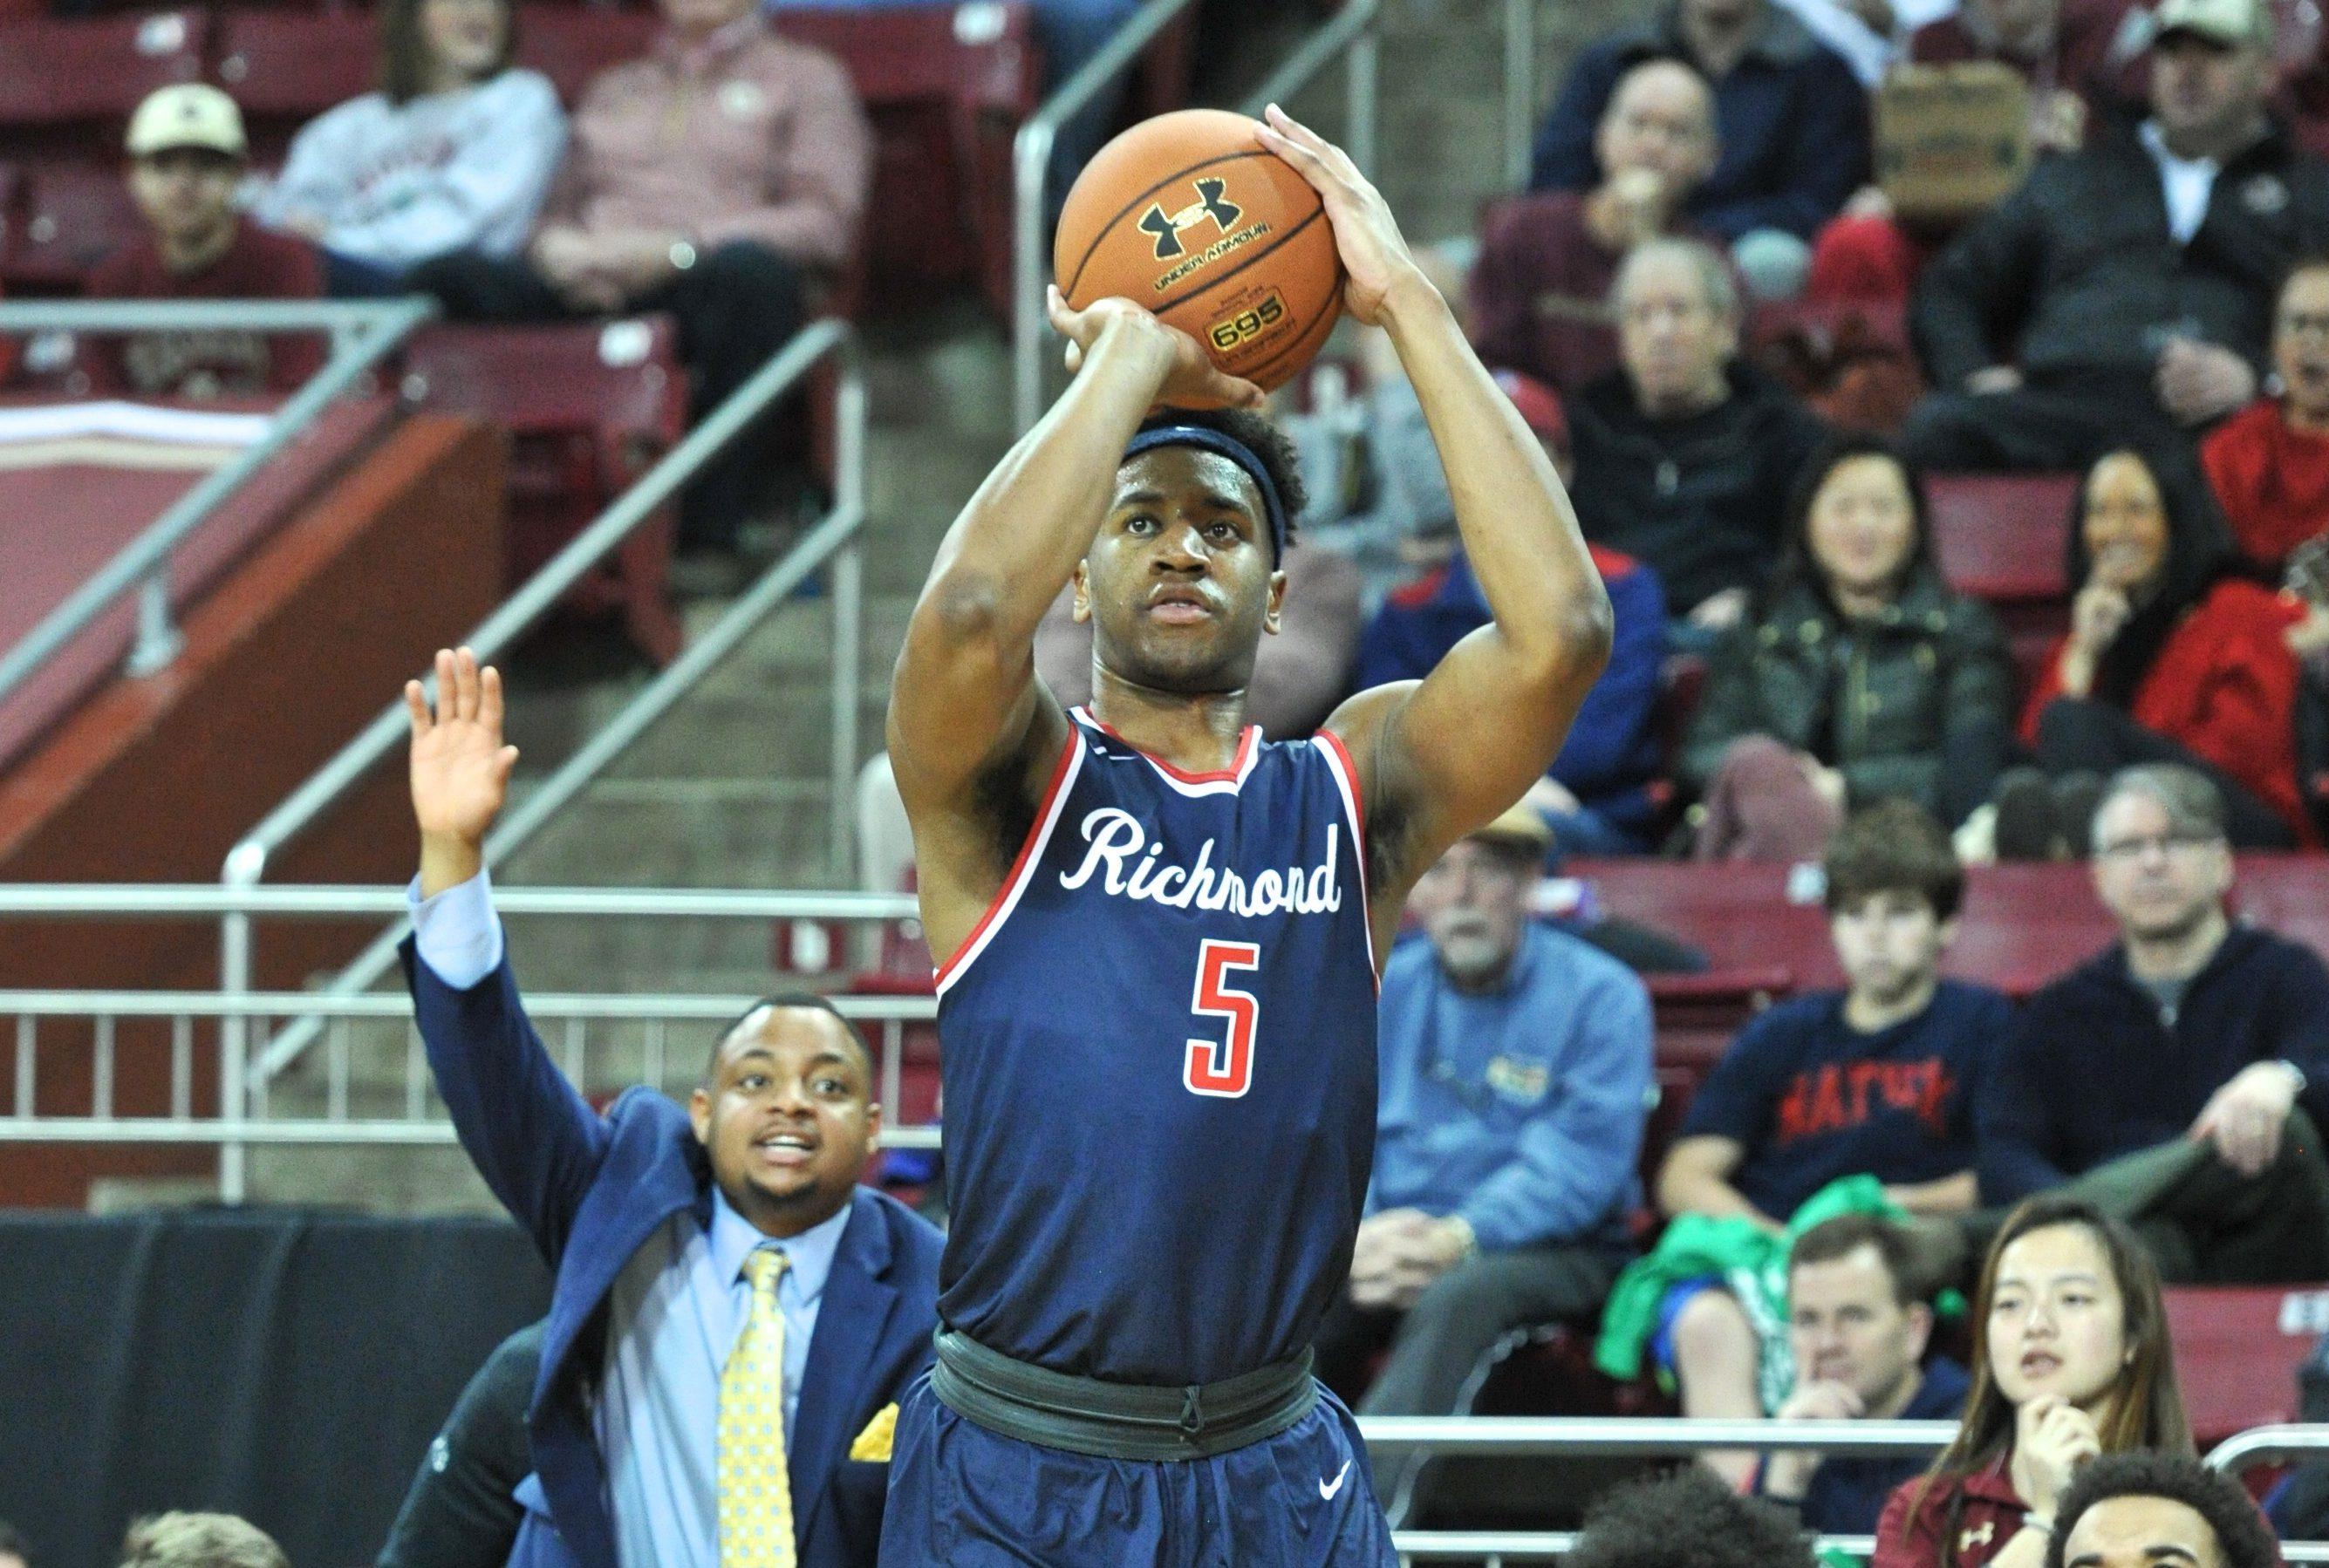 COLLEGE BASKETBALL: DEC 23 Richmond at Boston College